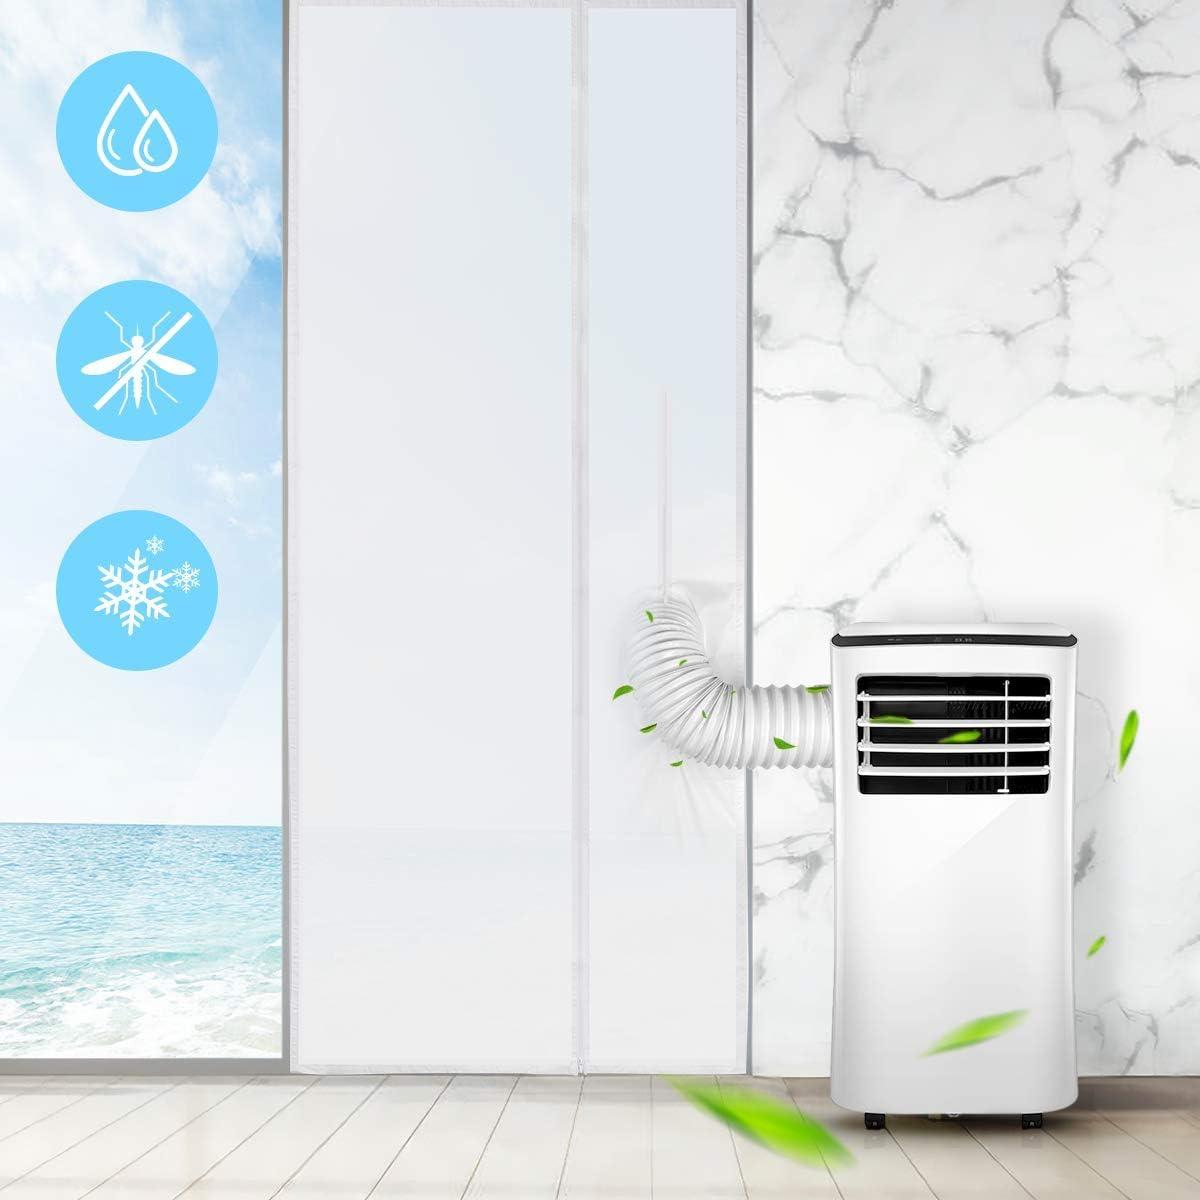 AGPTEK 210 * 90CM Aislamiento Ventanas para Aire Acondicionado Móvil y Secadora, Sello de Ventanas Impermeable, Anti UV, Anti-Mosquitos, con Dual Cremallera: Amazon.es: Hogar